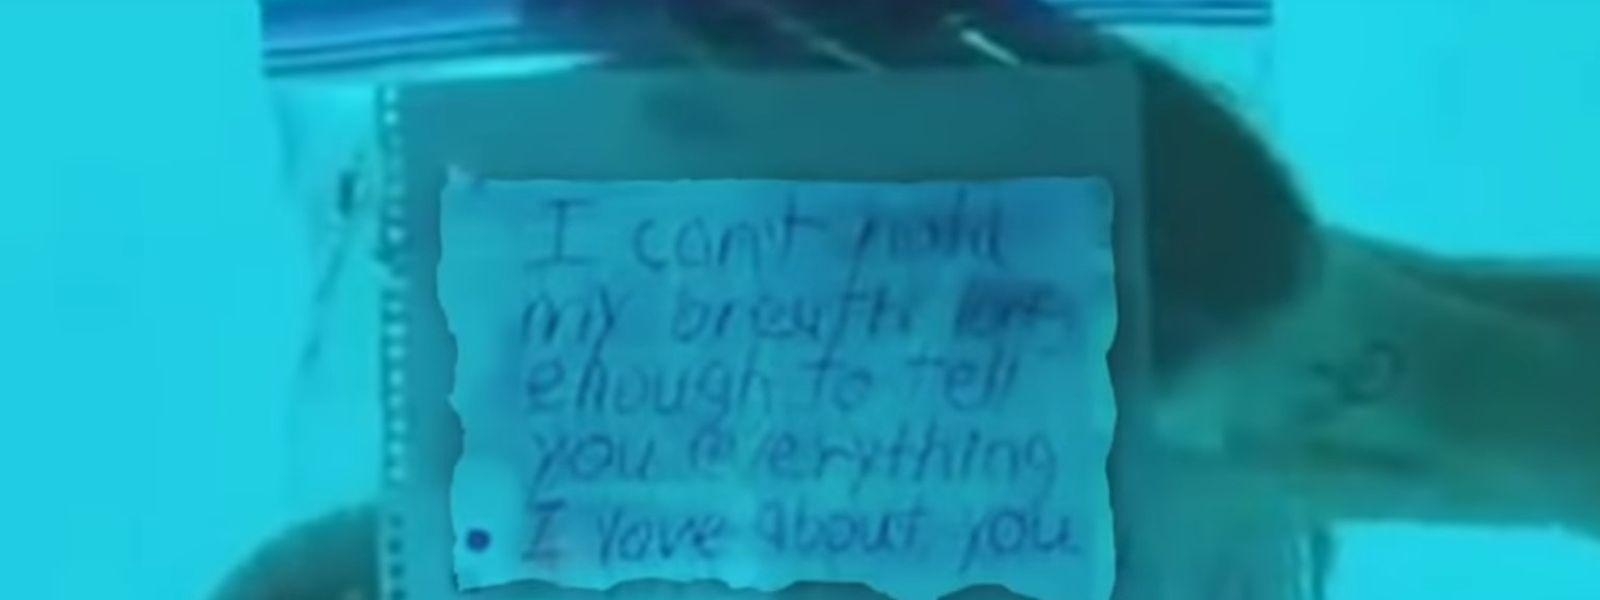 Der Unterwasser-Heiratsantrag ist auf dem Video zu sehen.